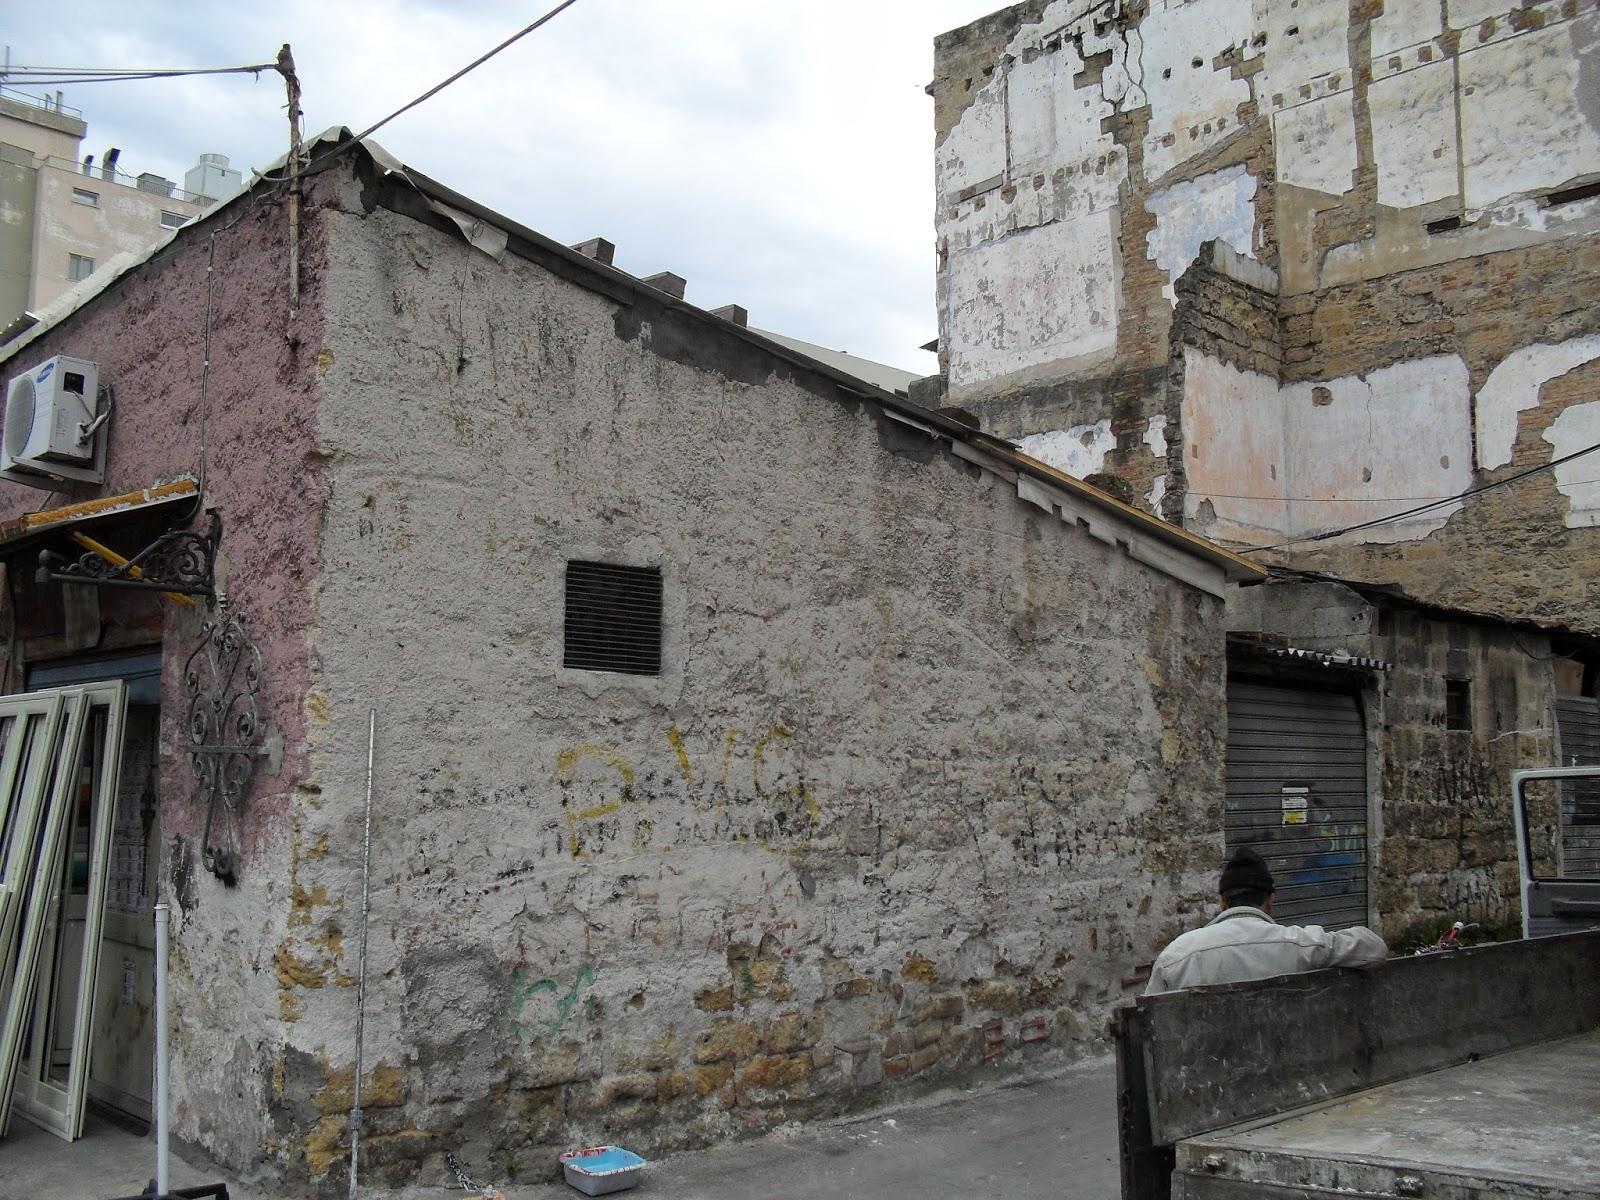 emajons-series-of-new-murals-in-borgo-vecchio-palermo-08